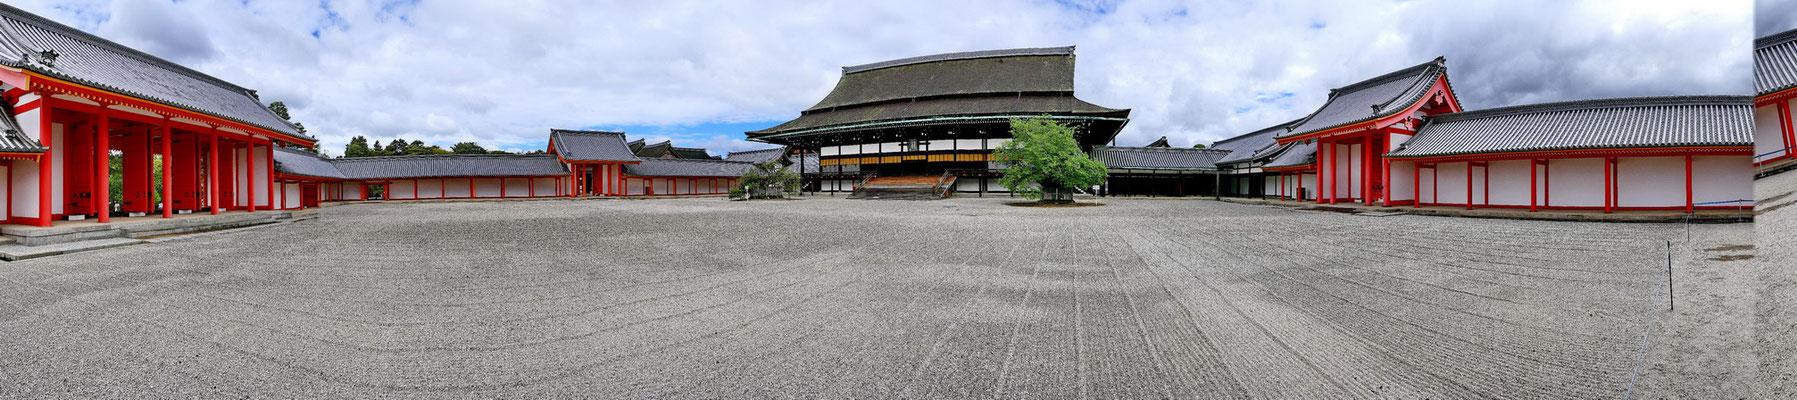 Het keizerlijk paleis in Kyoto